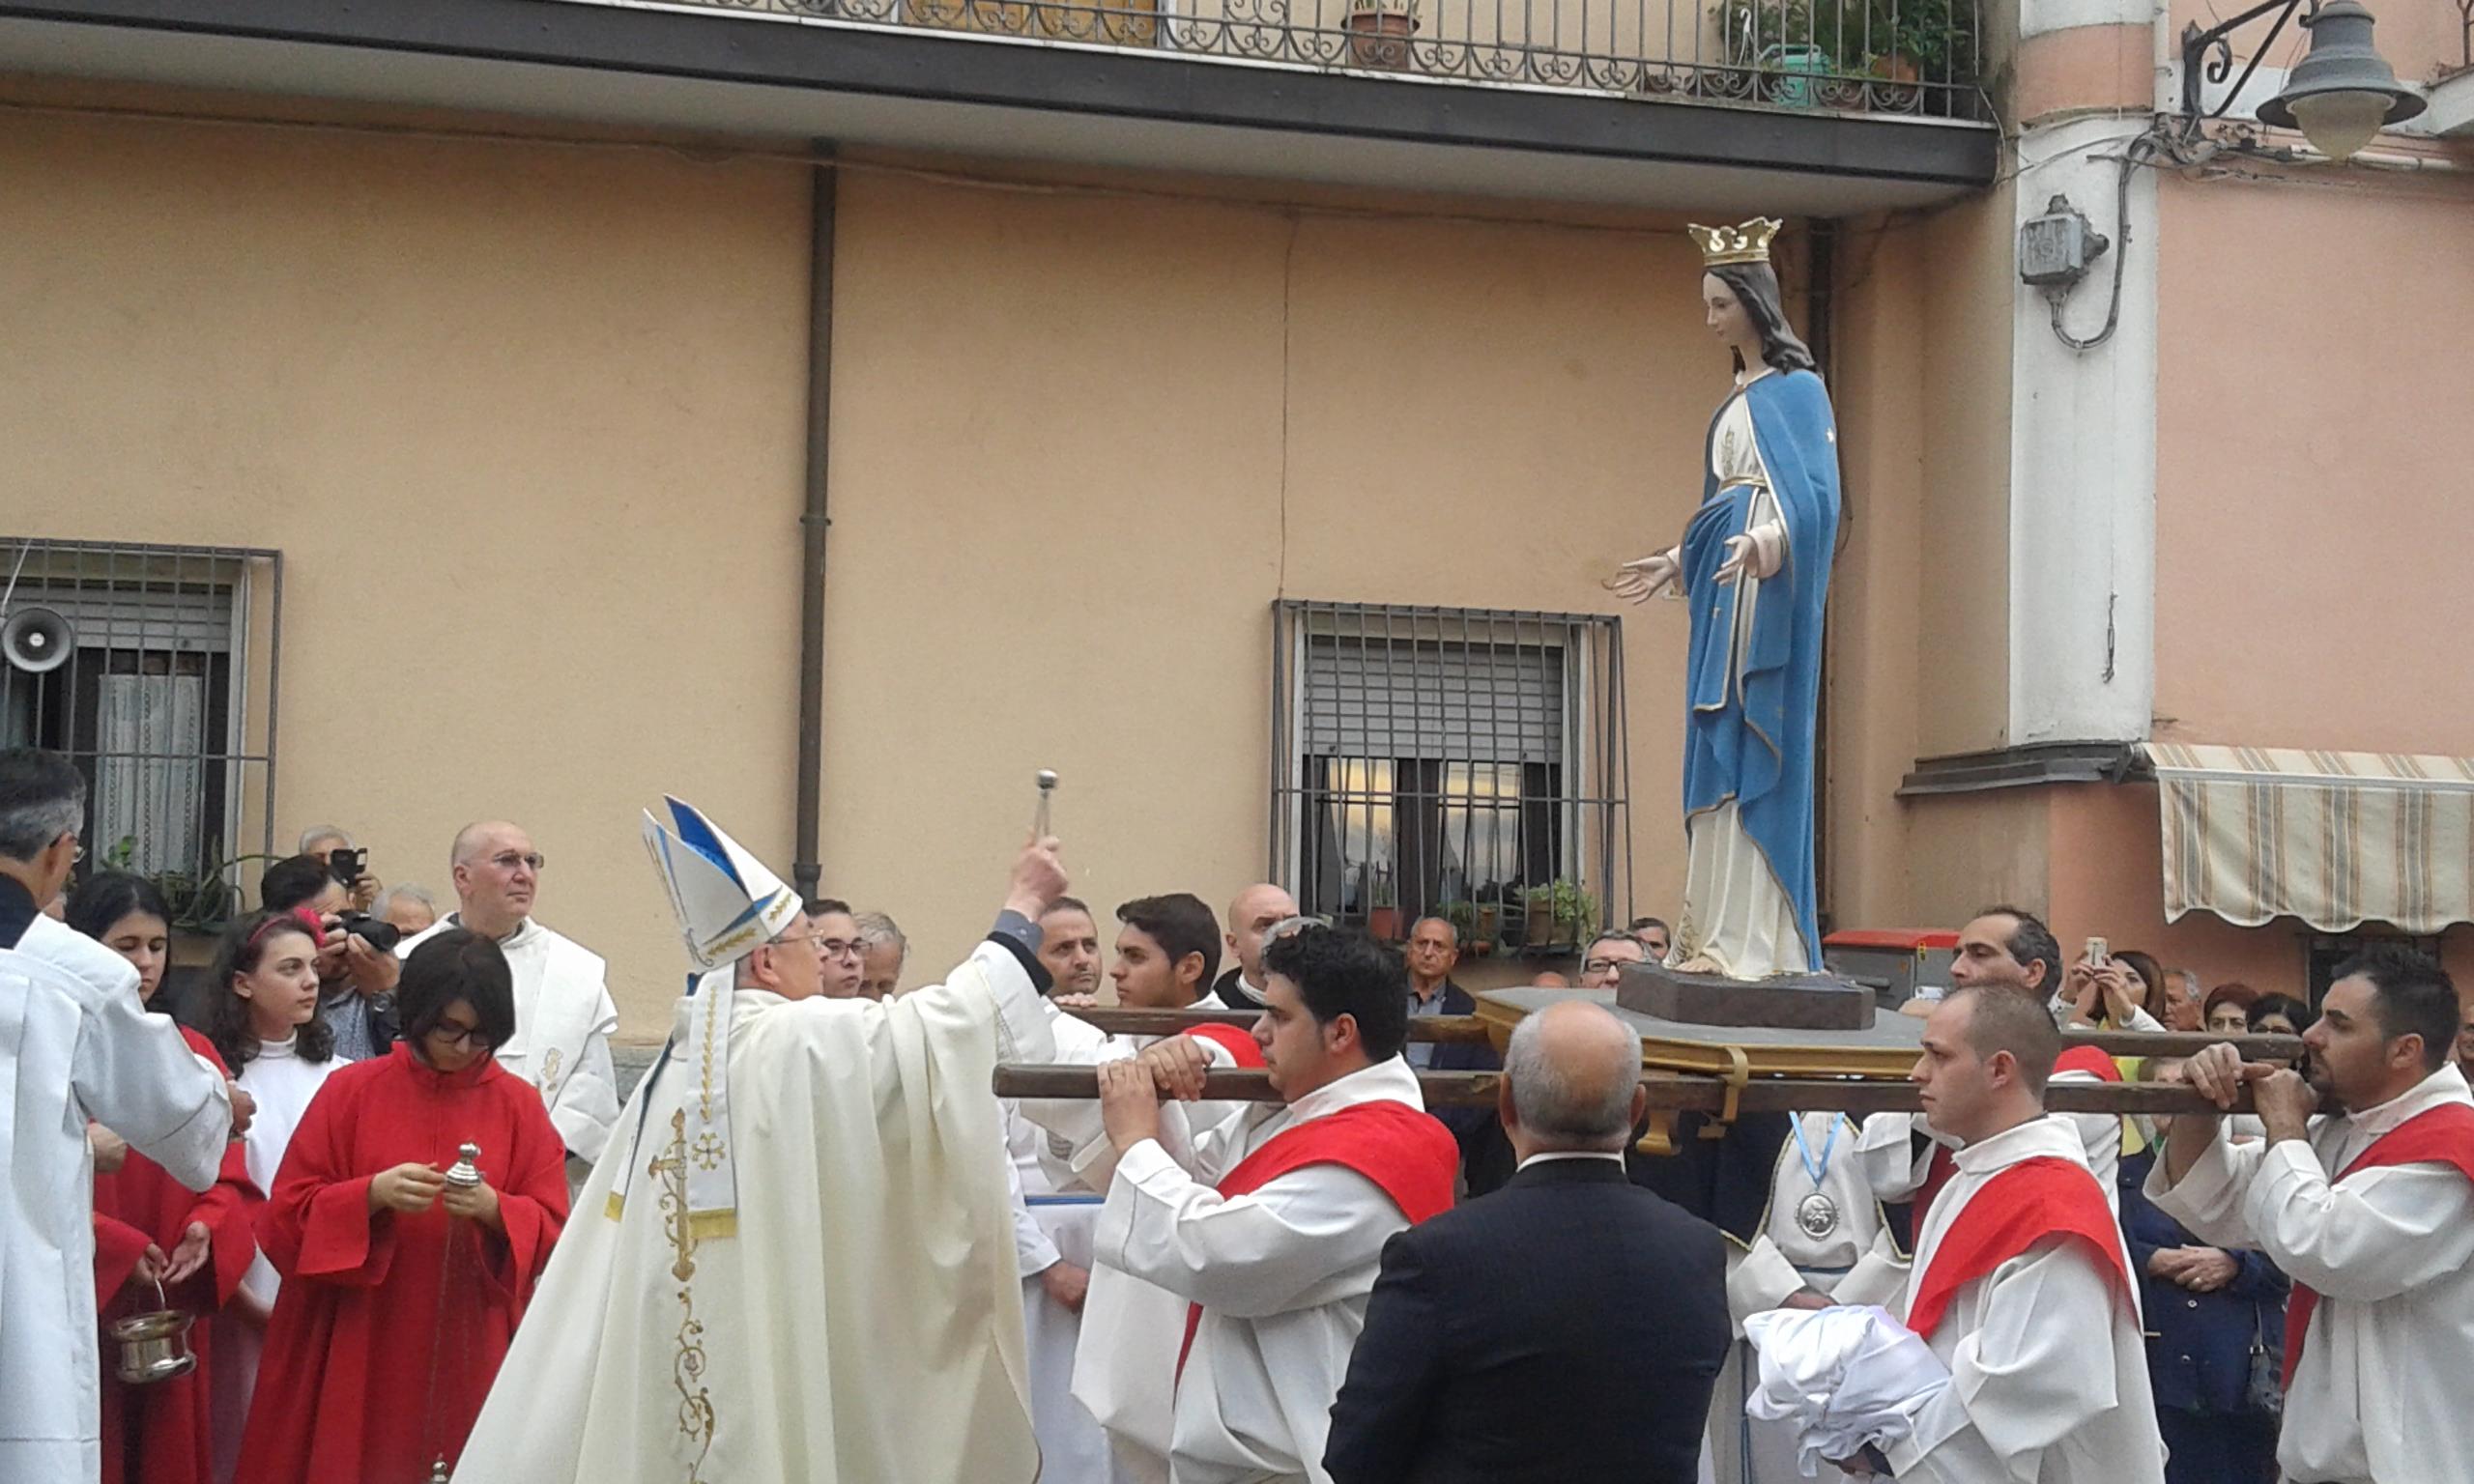 VIDEO - Dopo l'Affruntata shock, a Pizzoniè arrivata la nuova statua della Madonna